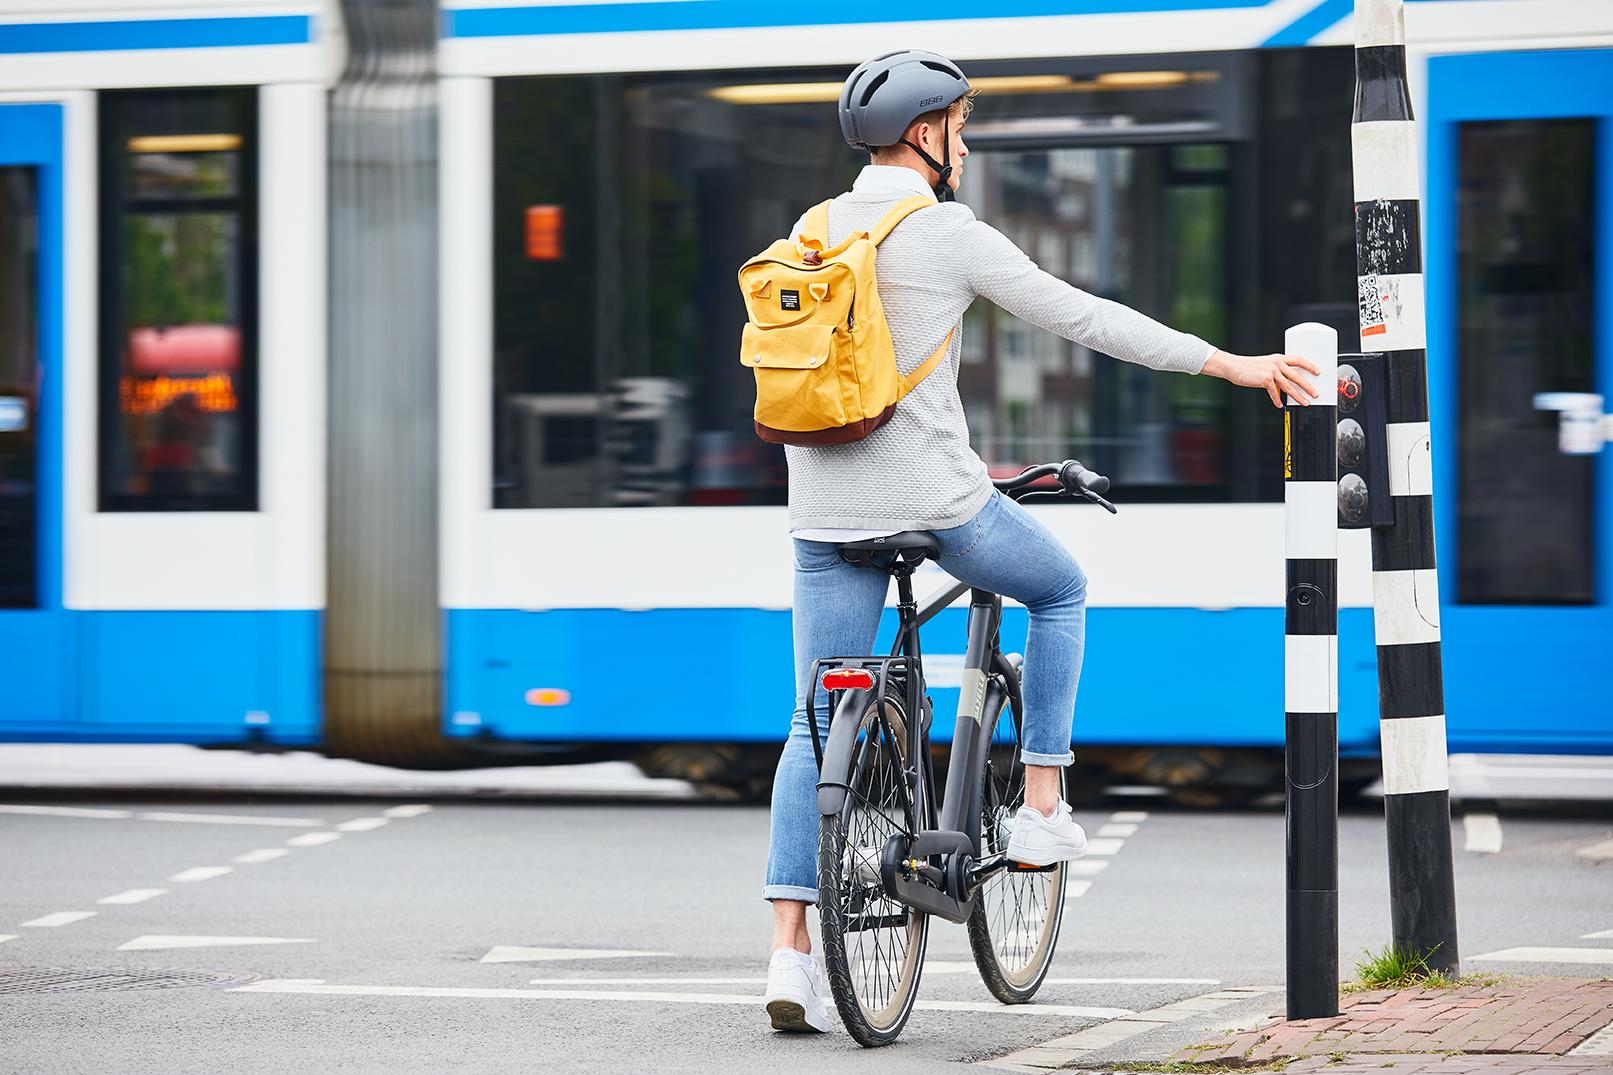 Mann auf Fahrrad mit gelbem Rucksack